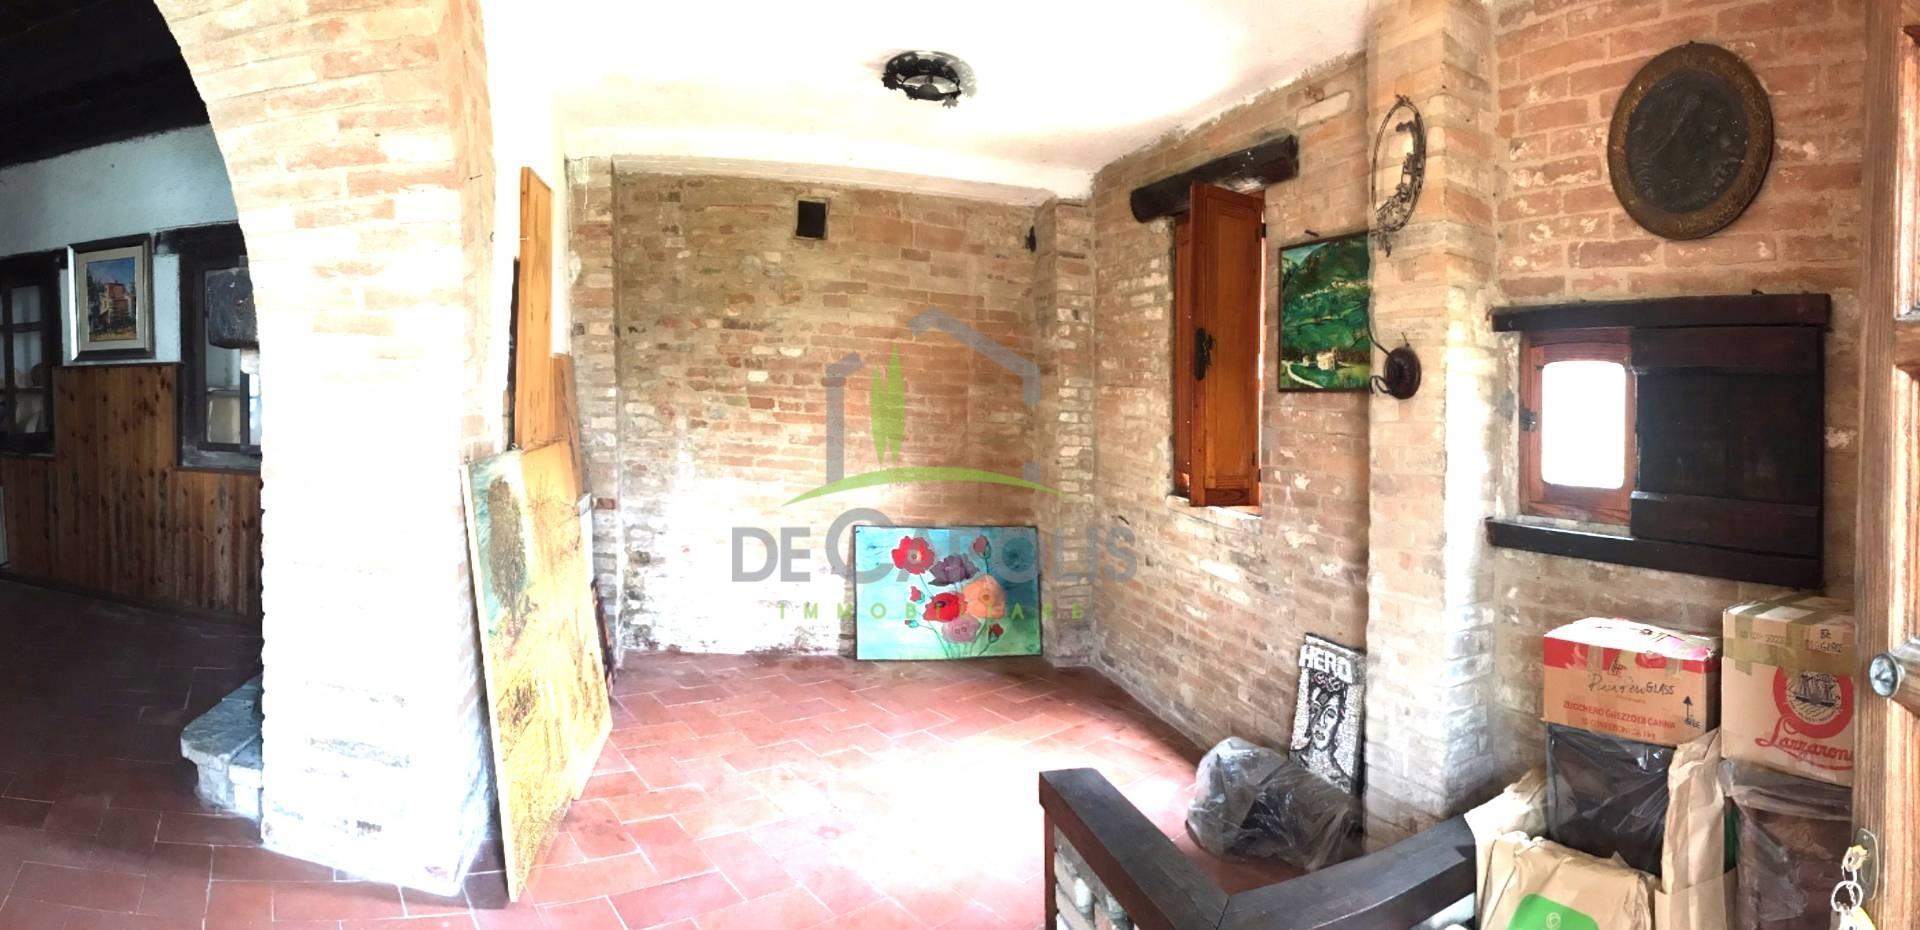 Soluzione Indipendente in vendita a Sarnano, 12 locali, prezzo € 140.000 | CambioCasa.it